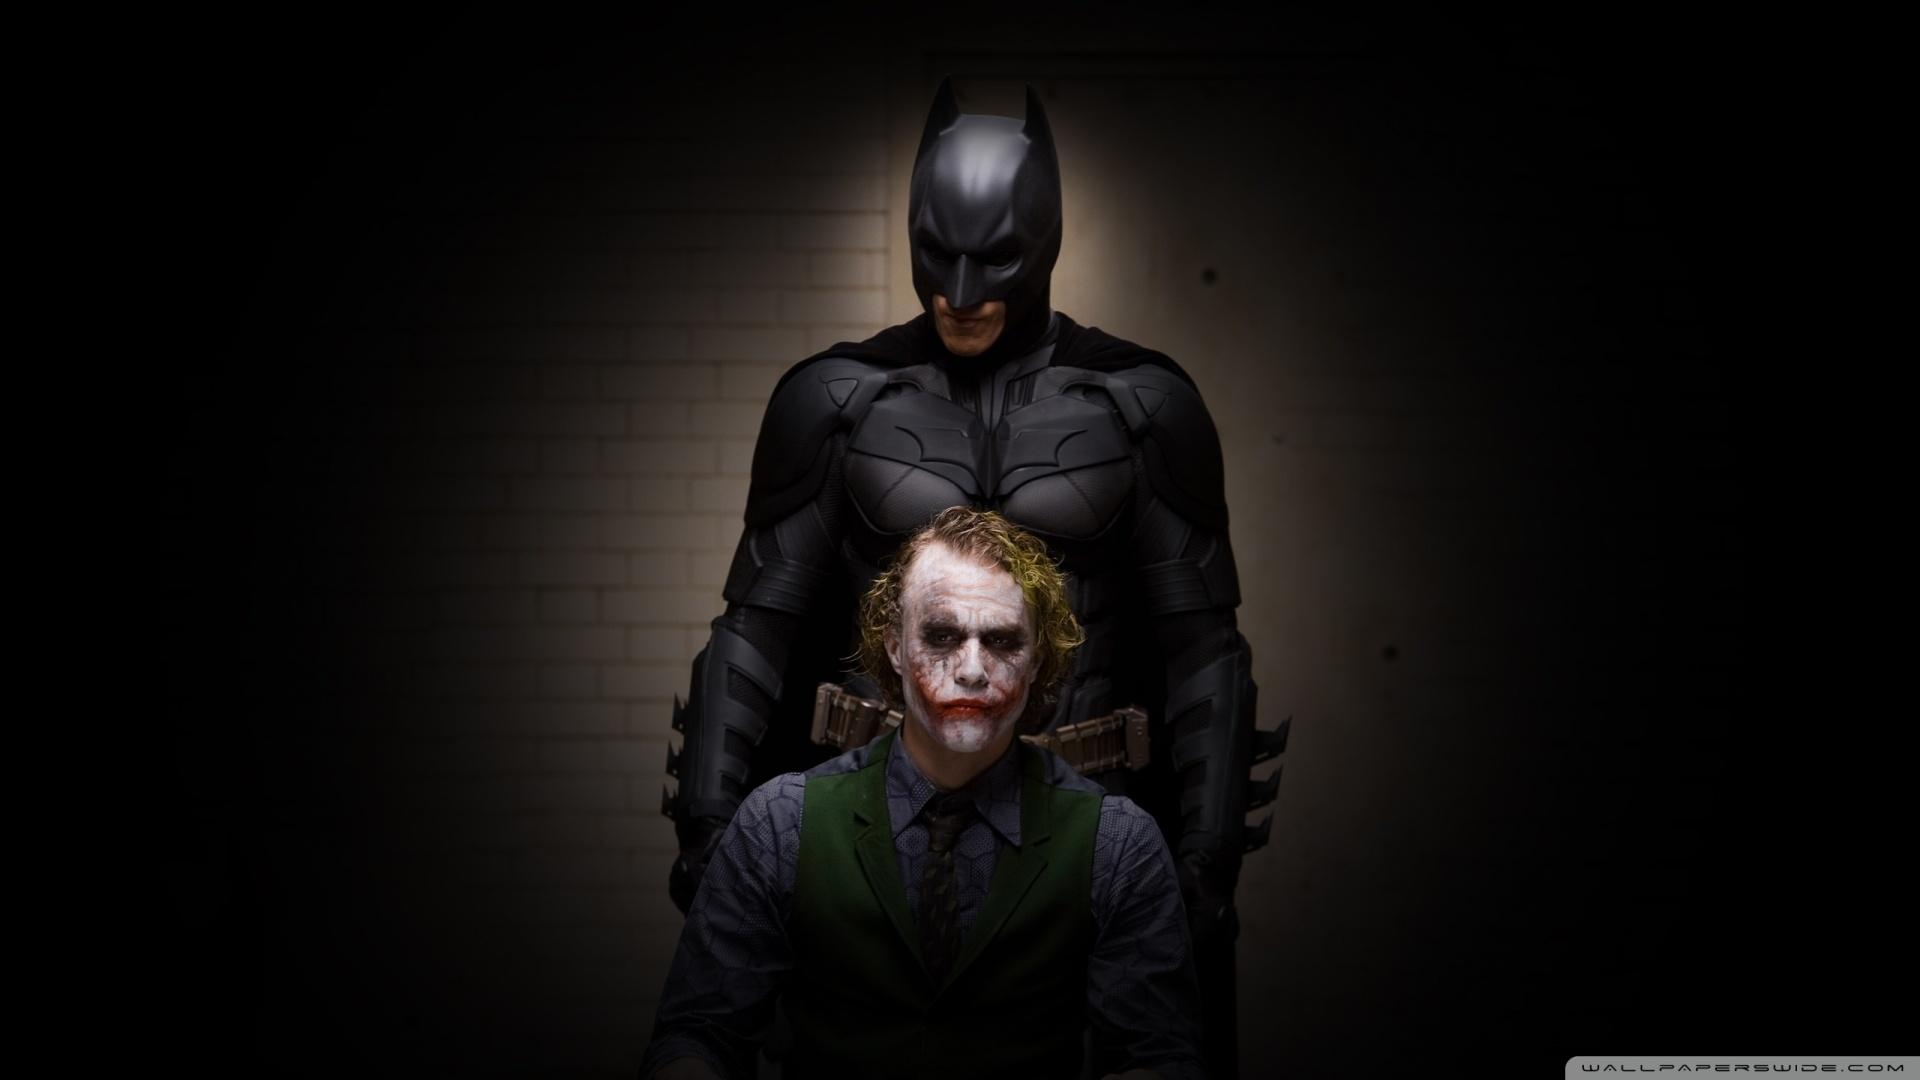 Batman And Joker Wallpaper 1920x1080 Batman And Joker 1920x1080